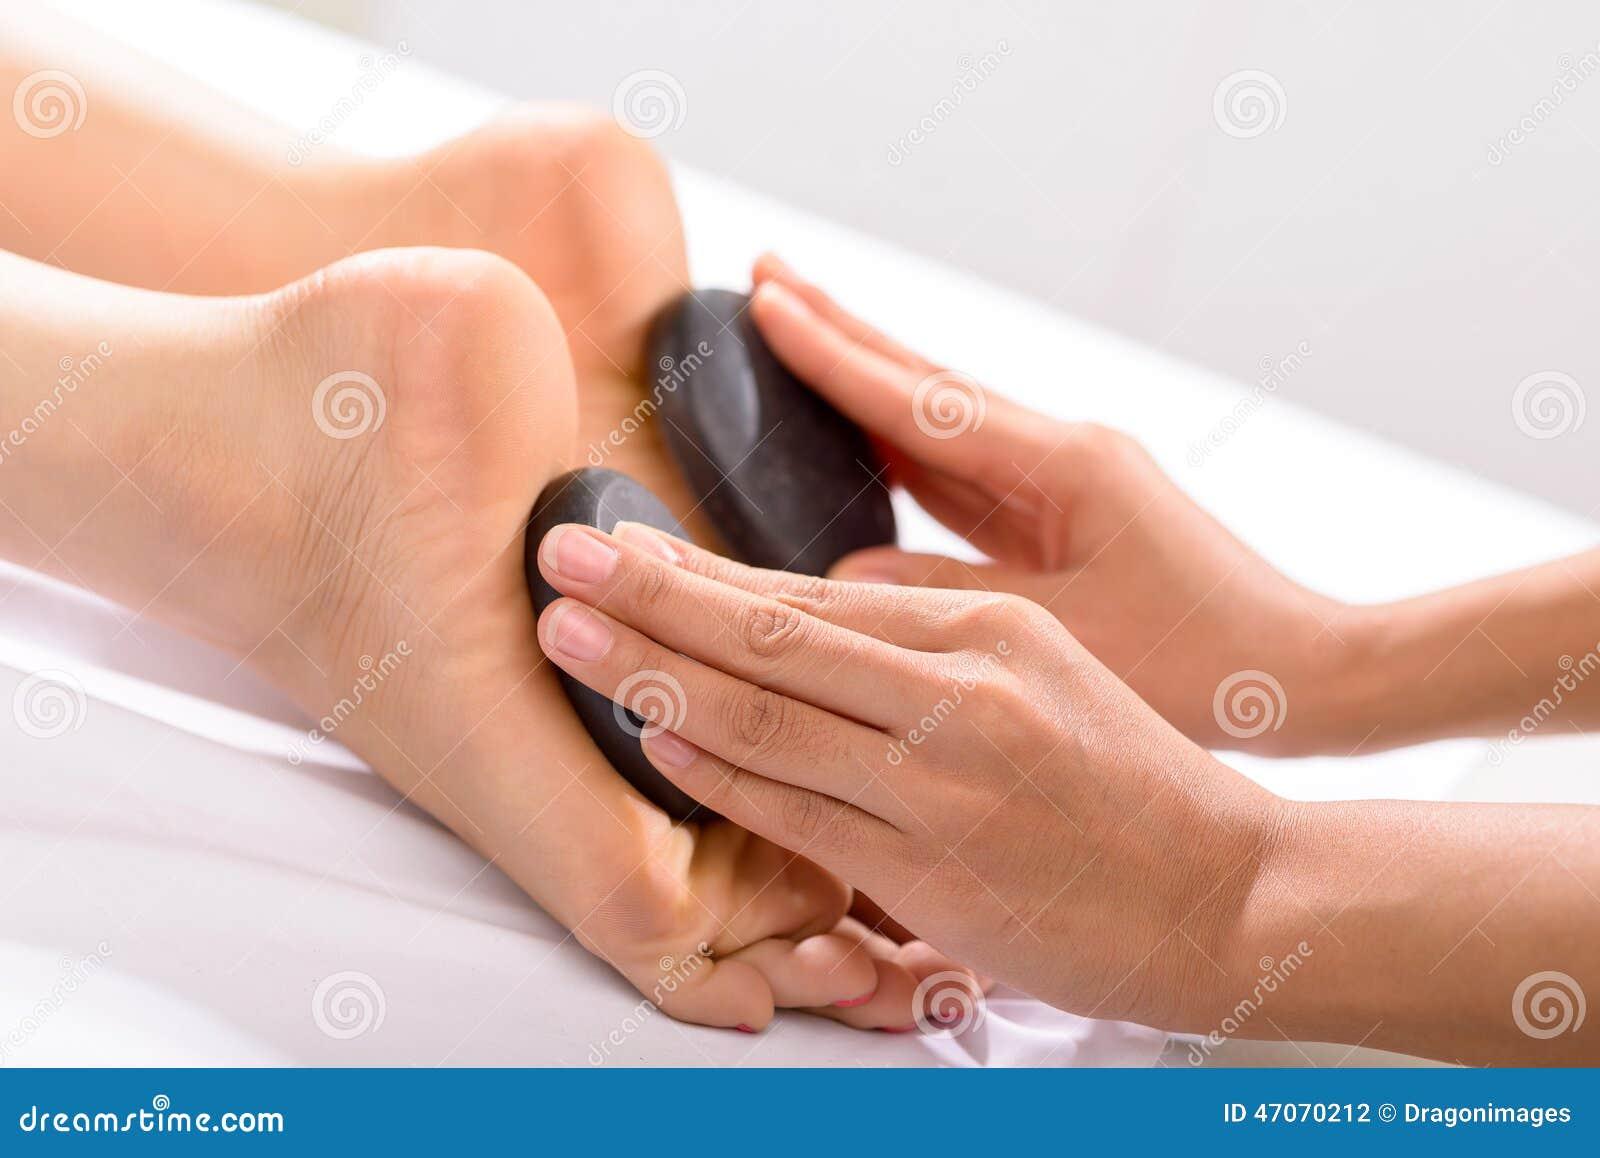 Come Massaggio Hot Stone A Casa